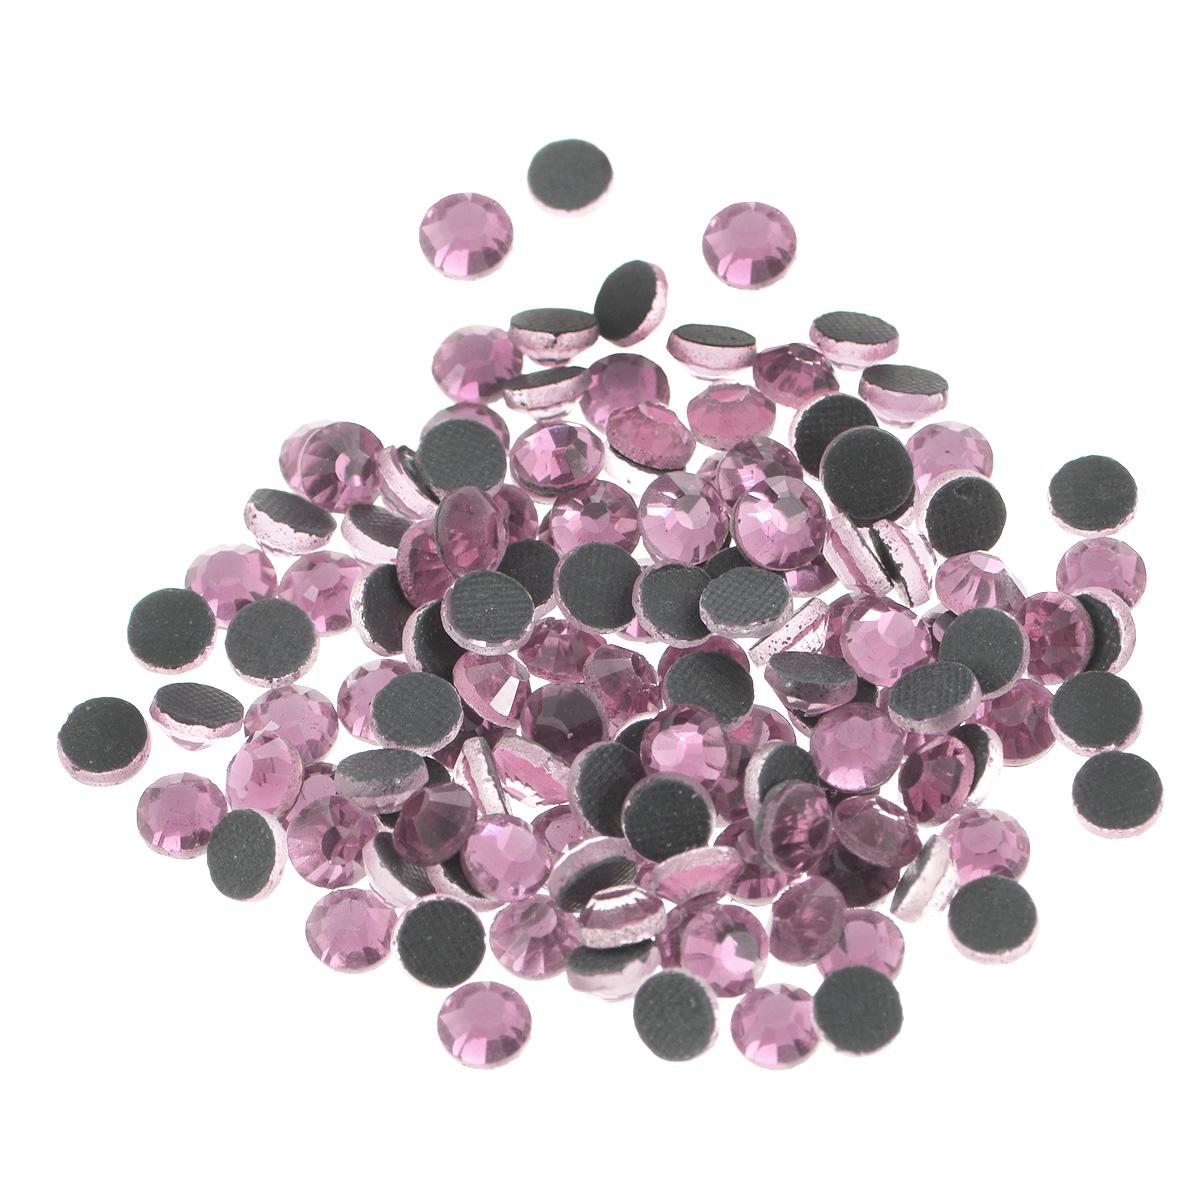 Стразы термоклеевые Cristal, цвет: светло-розовый (223), диаметр 4,8 мм, 144 шт7706832_223Набор термоклеевых страз Cristal, изготовленный из высококачественного акрила, позволит вам украсить одежду, аксессуары или текстиль. Яркие стразы имеют плоское дно и круглую поверхность с гранями.Дно термоклеевых страз уже обработано особым клеем, который под воздействием высоких температур начинает плавиться, приклеиваясь, таким образом, к требуемой поверхности. Чаще всего их используют в текстильной промышленности: стразы прикладывают к ткани и проглаживают утюгом с обратной стороны. Также можно использовать специальный паяльник. Украшение стразами поможет сделать любую вещь оригинальной и неповторимой. Диаметр стразы: 4,8 мм.